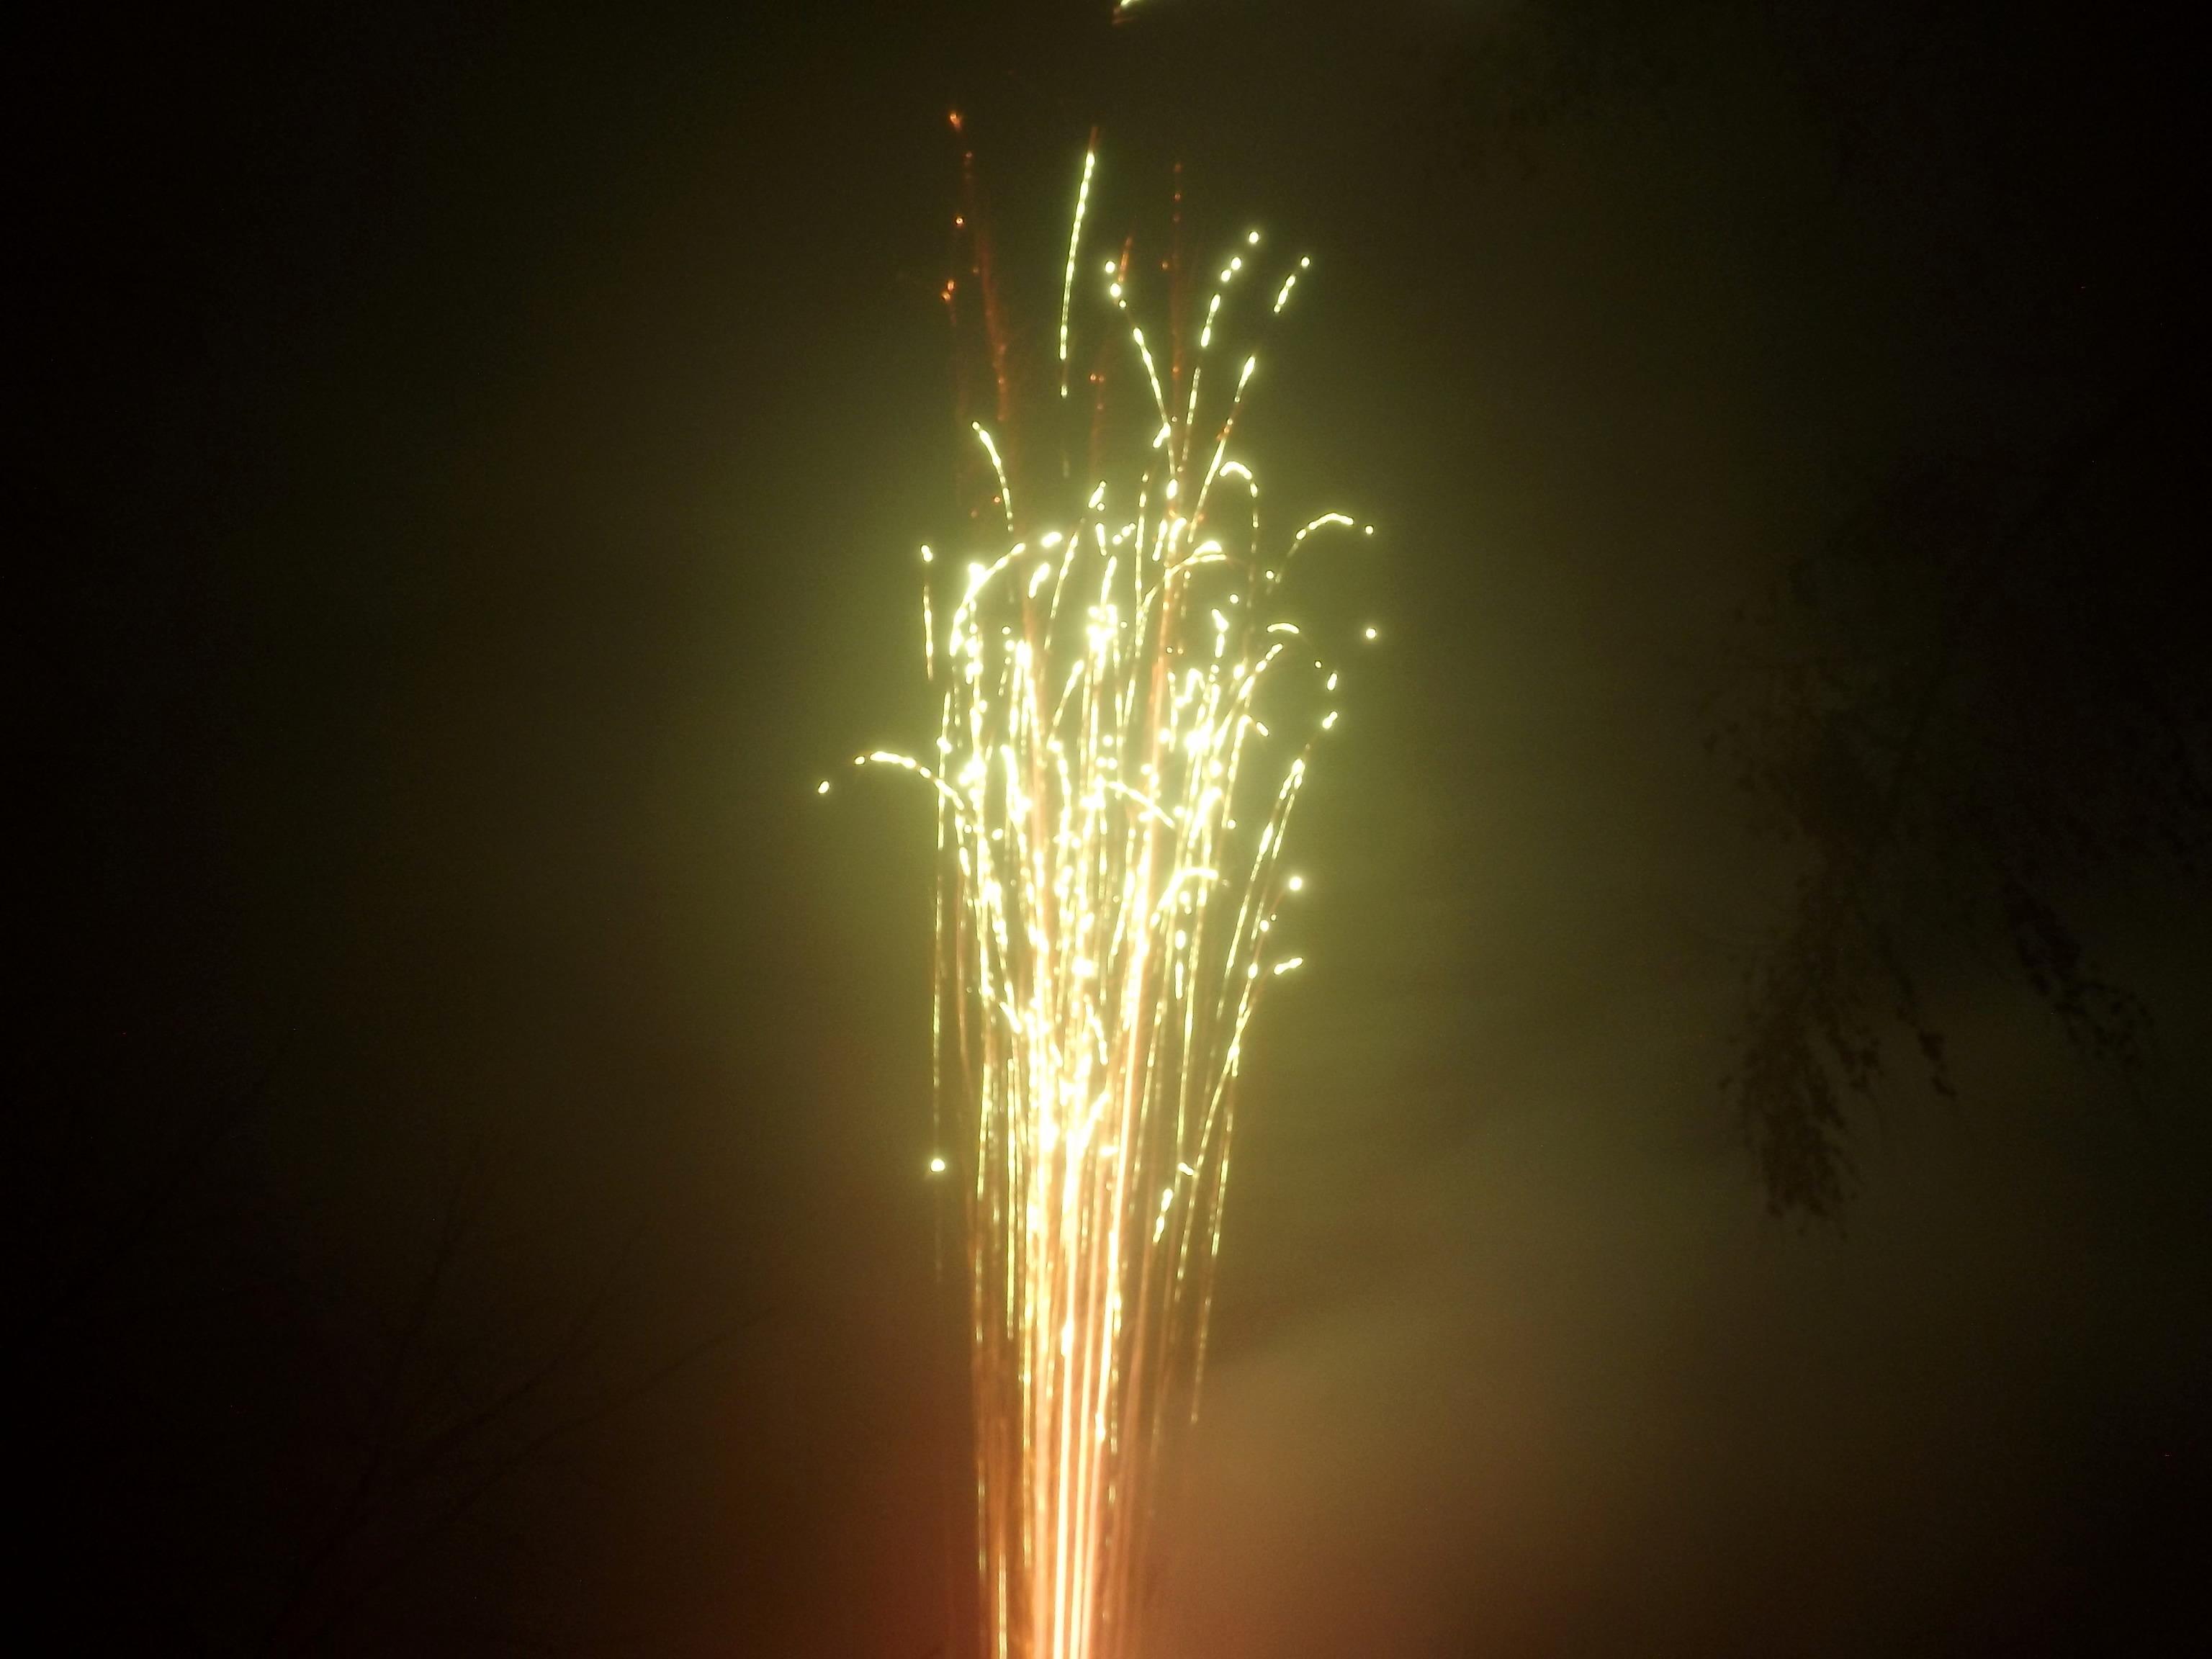 9037-feuerwerk-gruen-orange-sterne